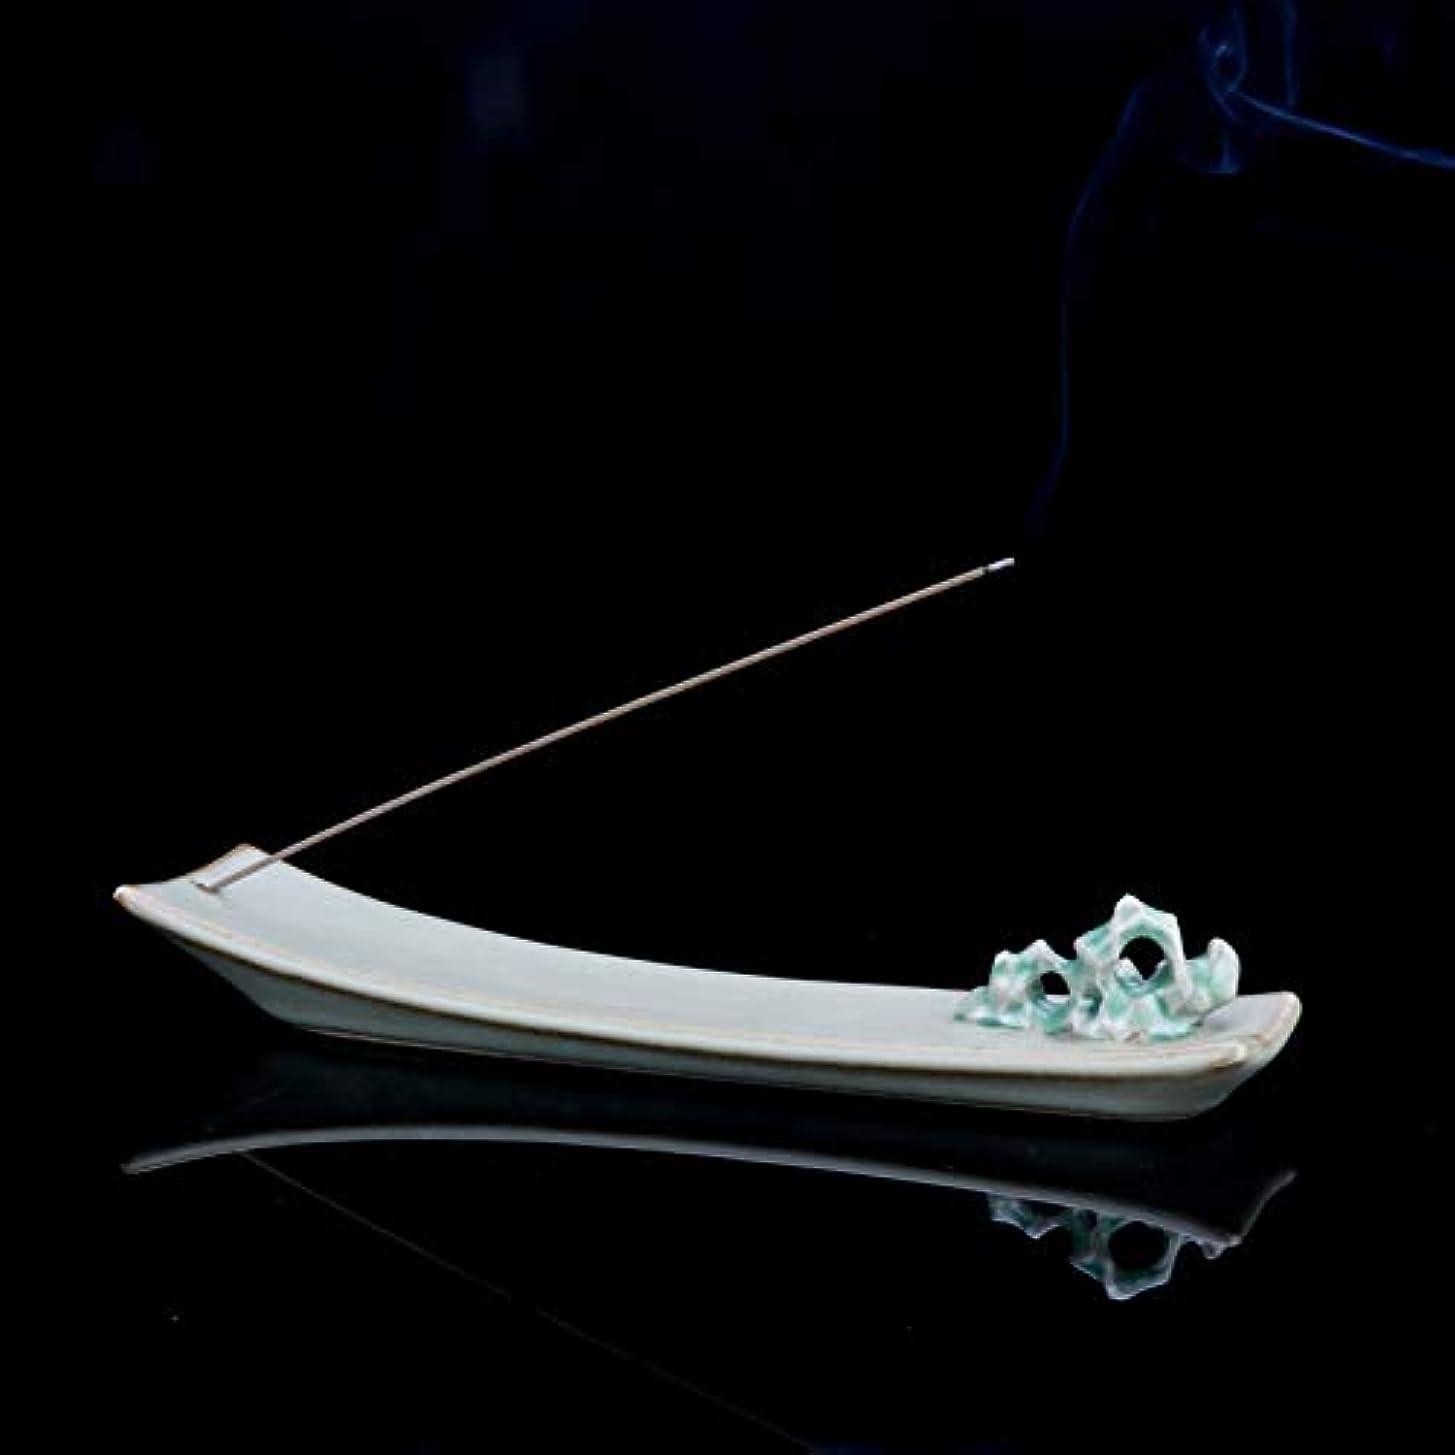 分散信じられない乗り出すPHILOGOD 香炉 クリエイティブモデリング 仏壇用香置物 陶器 線香立て 香皿